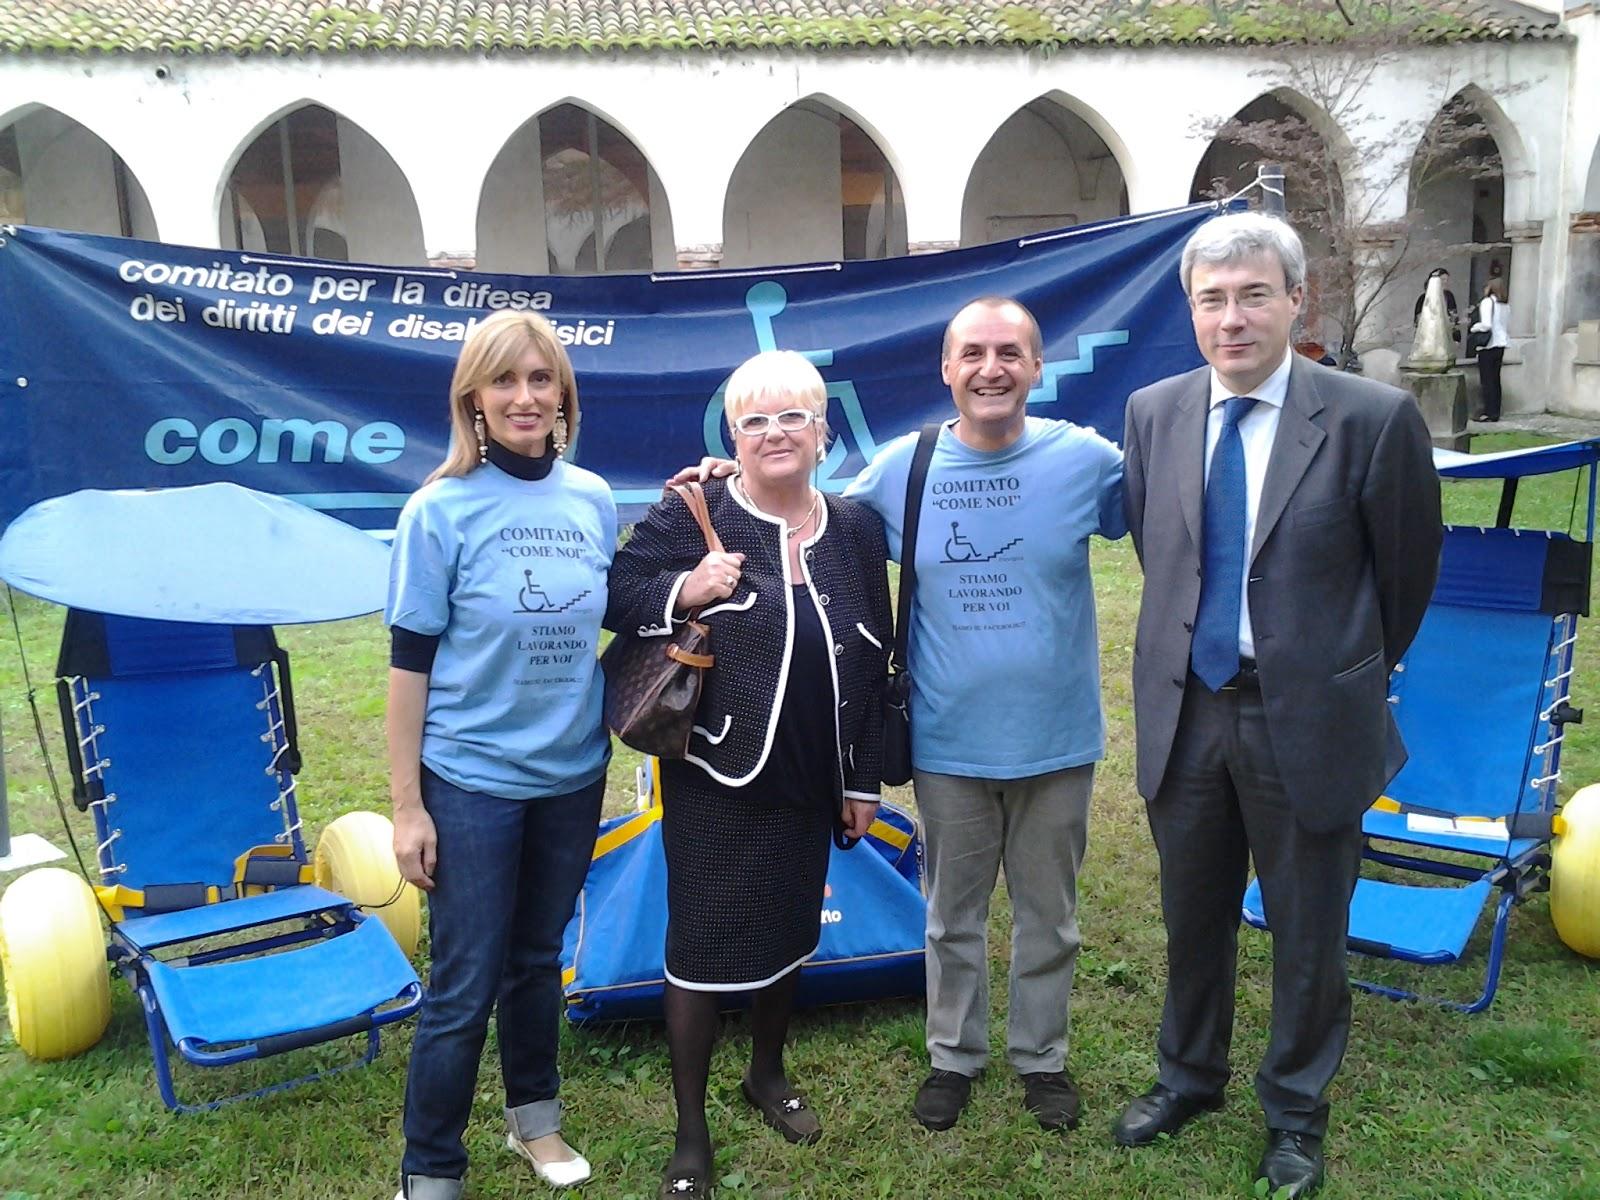 Comitato come noi treviglio bg giornata del volontariato a treviglio del 7 ottobre 2012 - Piscina comunale treviglio ...